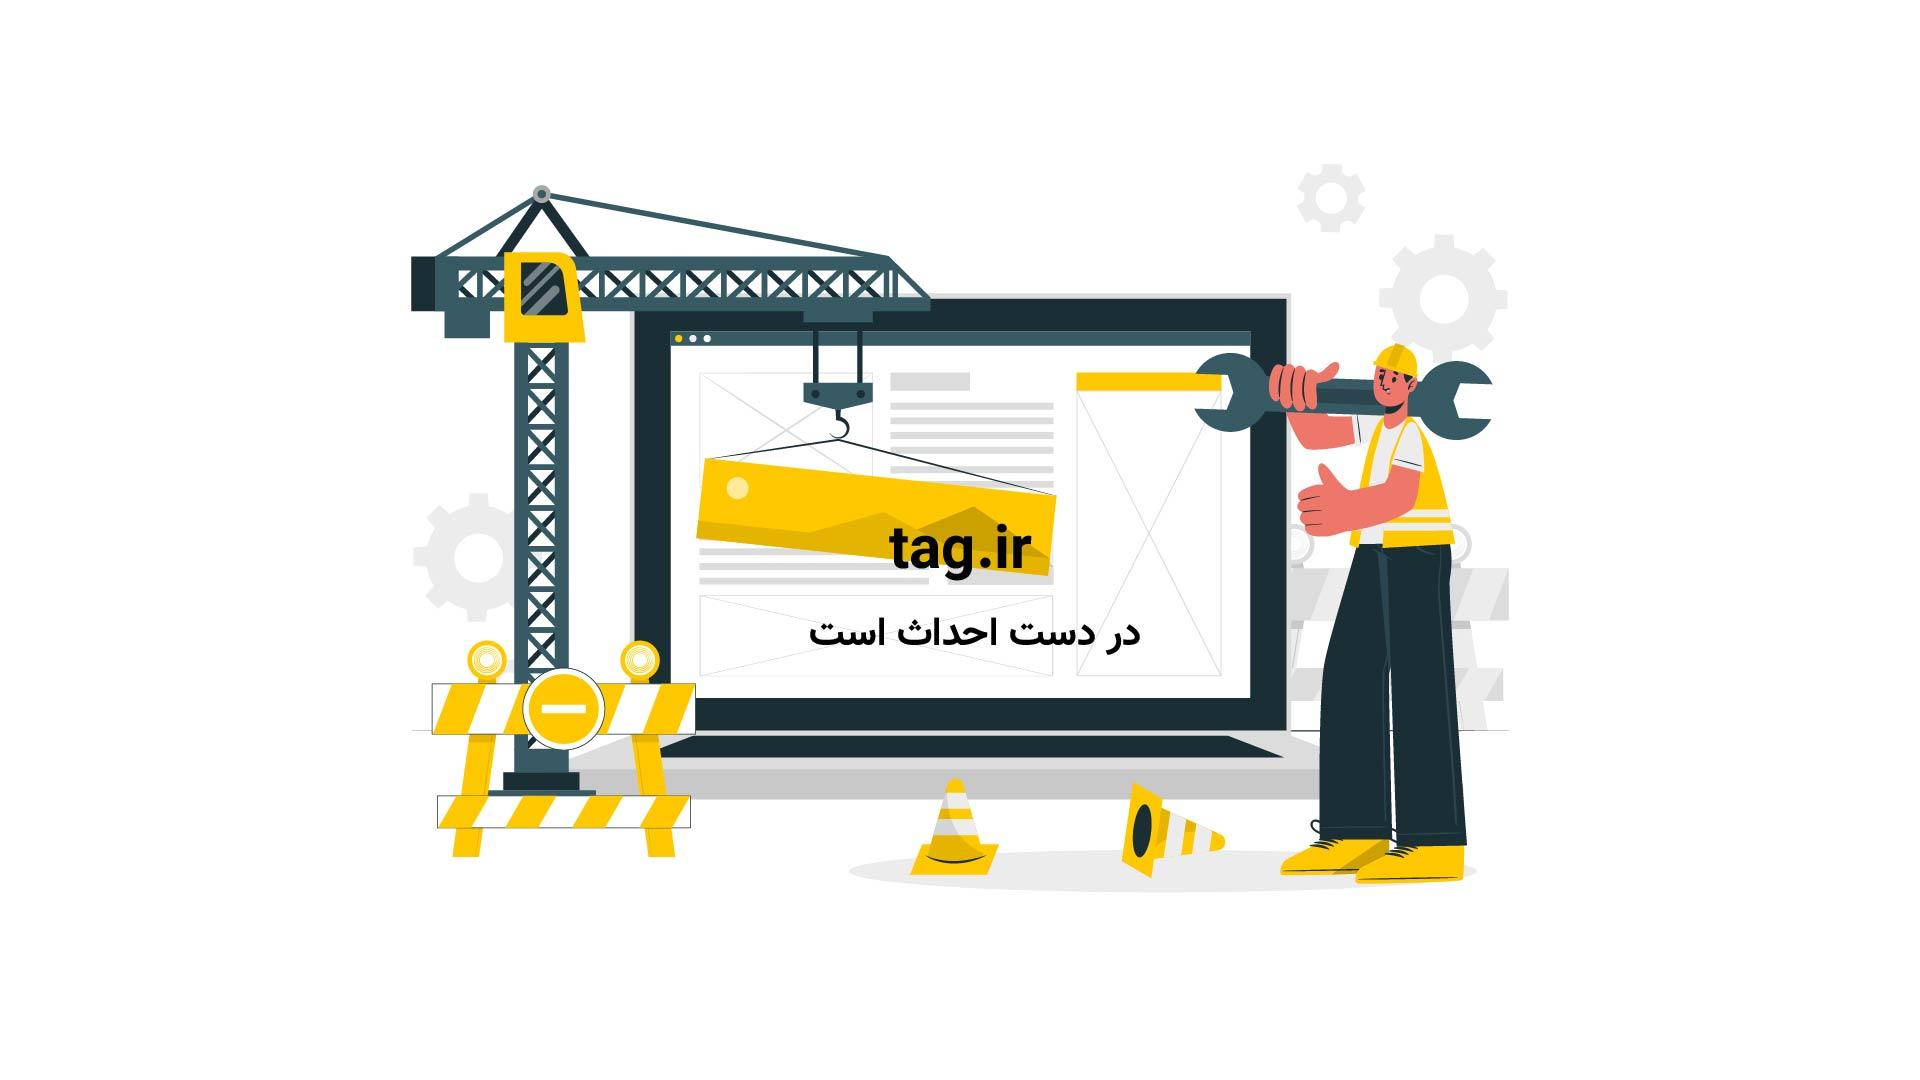 تعقیب و گریز گرگها و گوزنها در پارک یلو استون آمریکا | فیلم